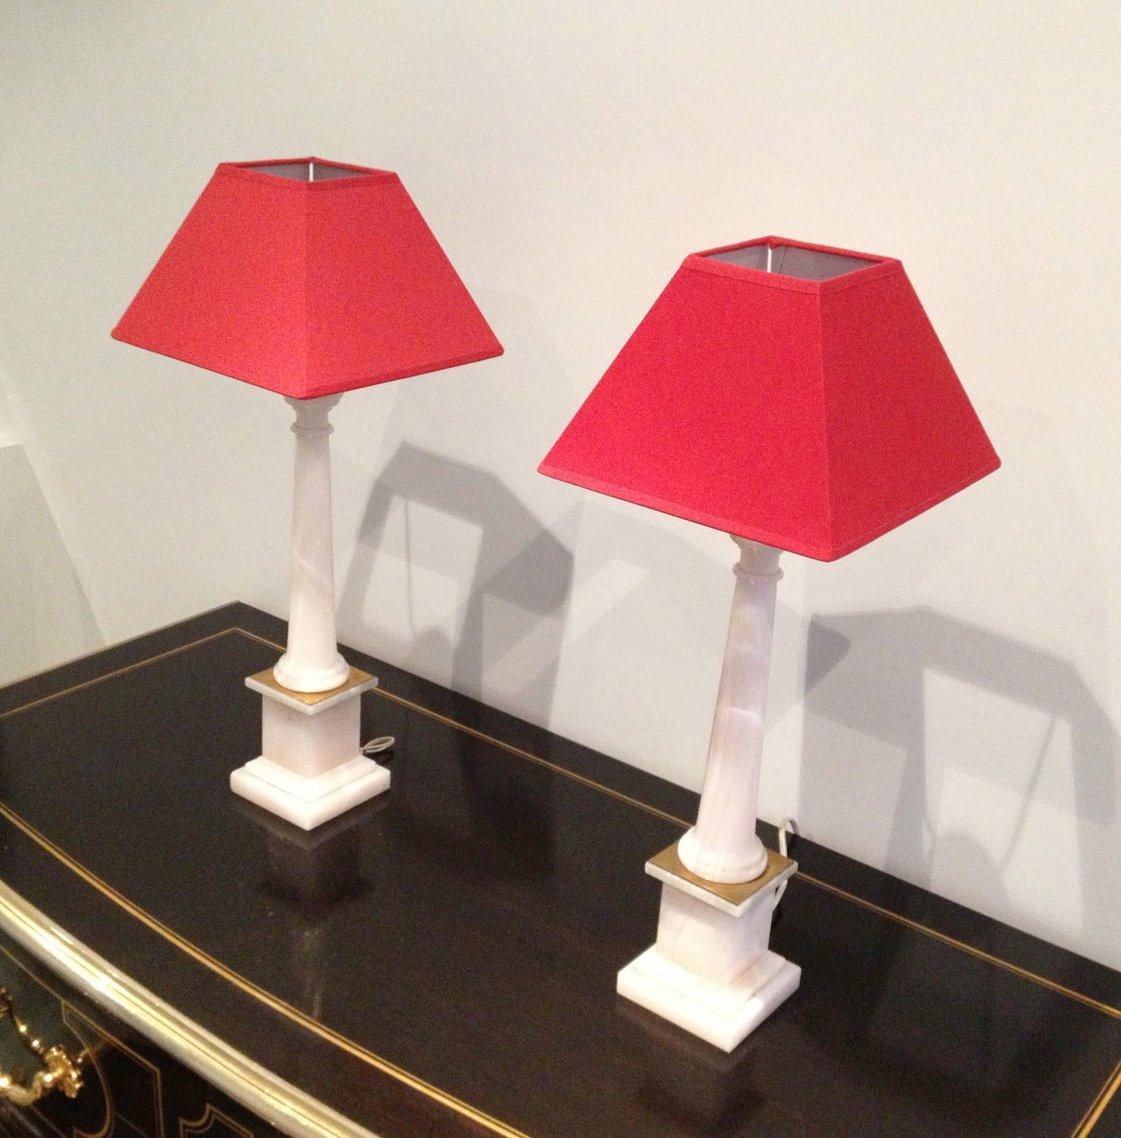 italienische s ulen lampen aus wei em marmor und messing mit roten schirmen 2er set bei pamono. Black Bedroom Furniture Sets. Home Design Ideas